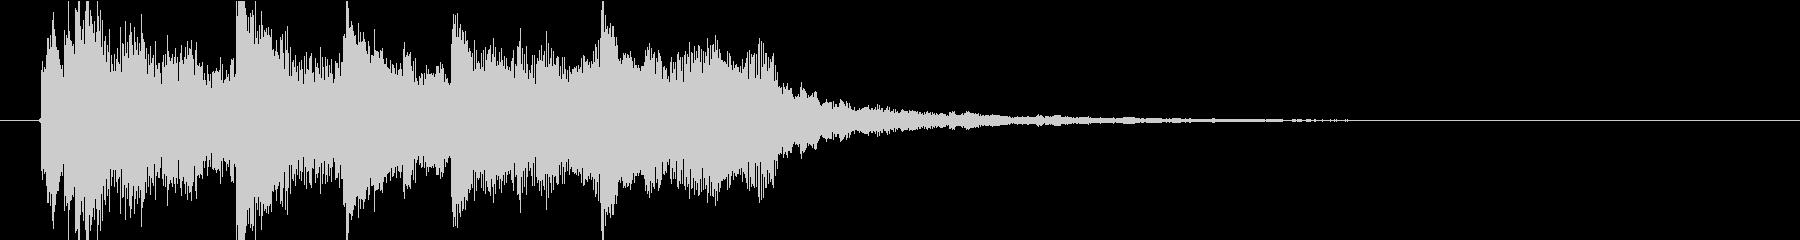 古風な和を感じるジングル(琴)の未再生の波形